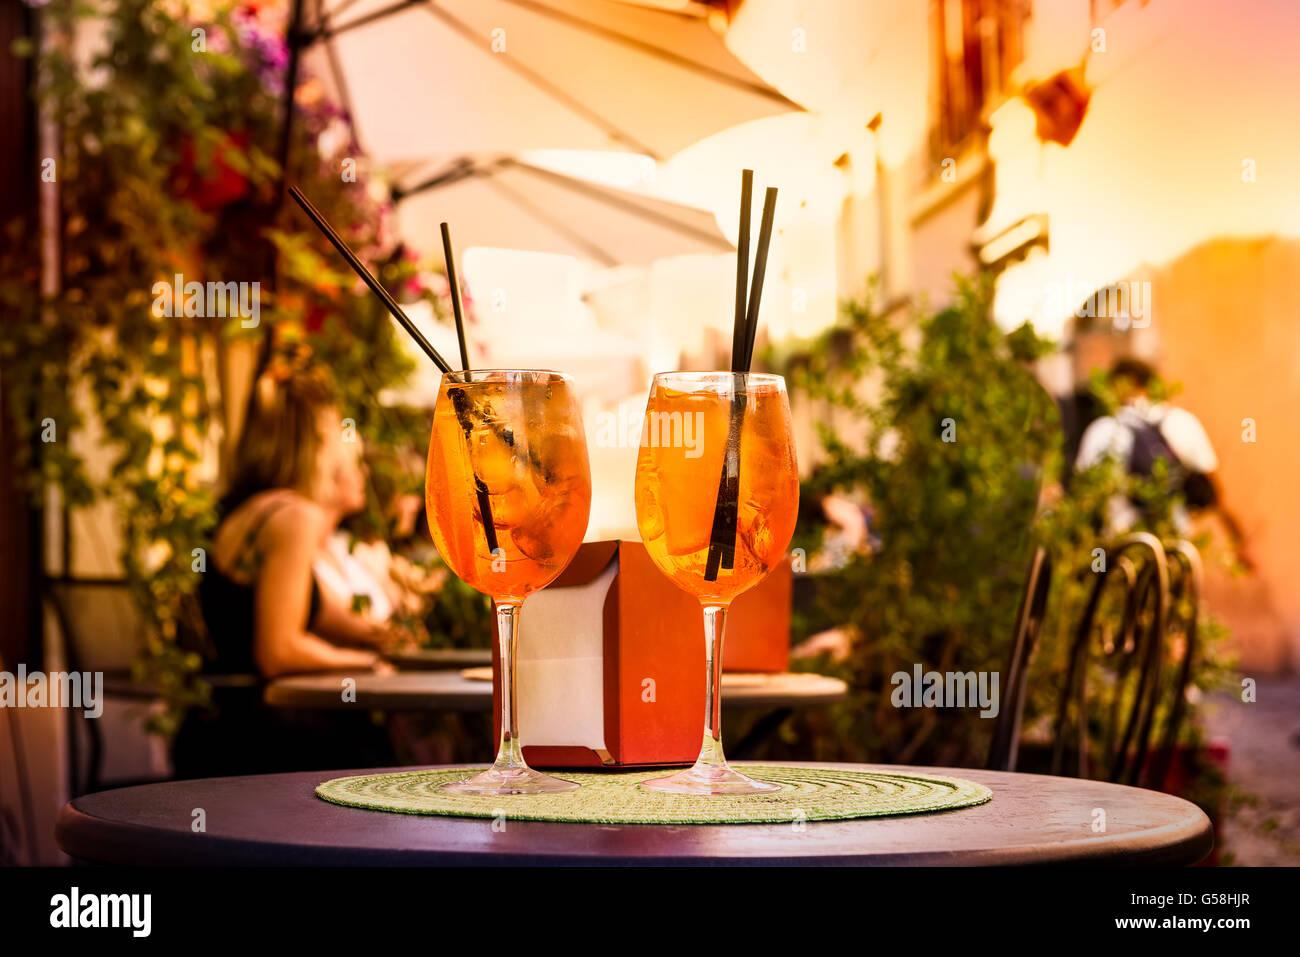 Aperol Spritz-Cocktail. Alkoholisches Getränk, basierend auf Tabelle mit Eiswürfeln und Orangen. Stockbild